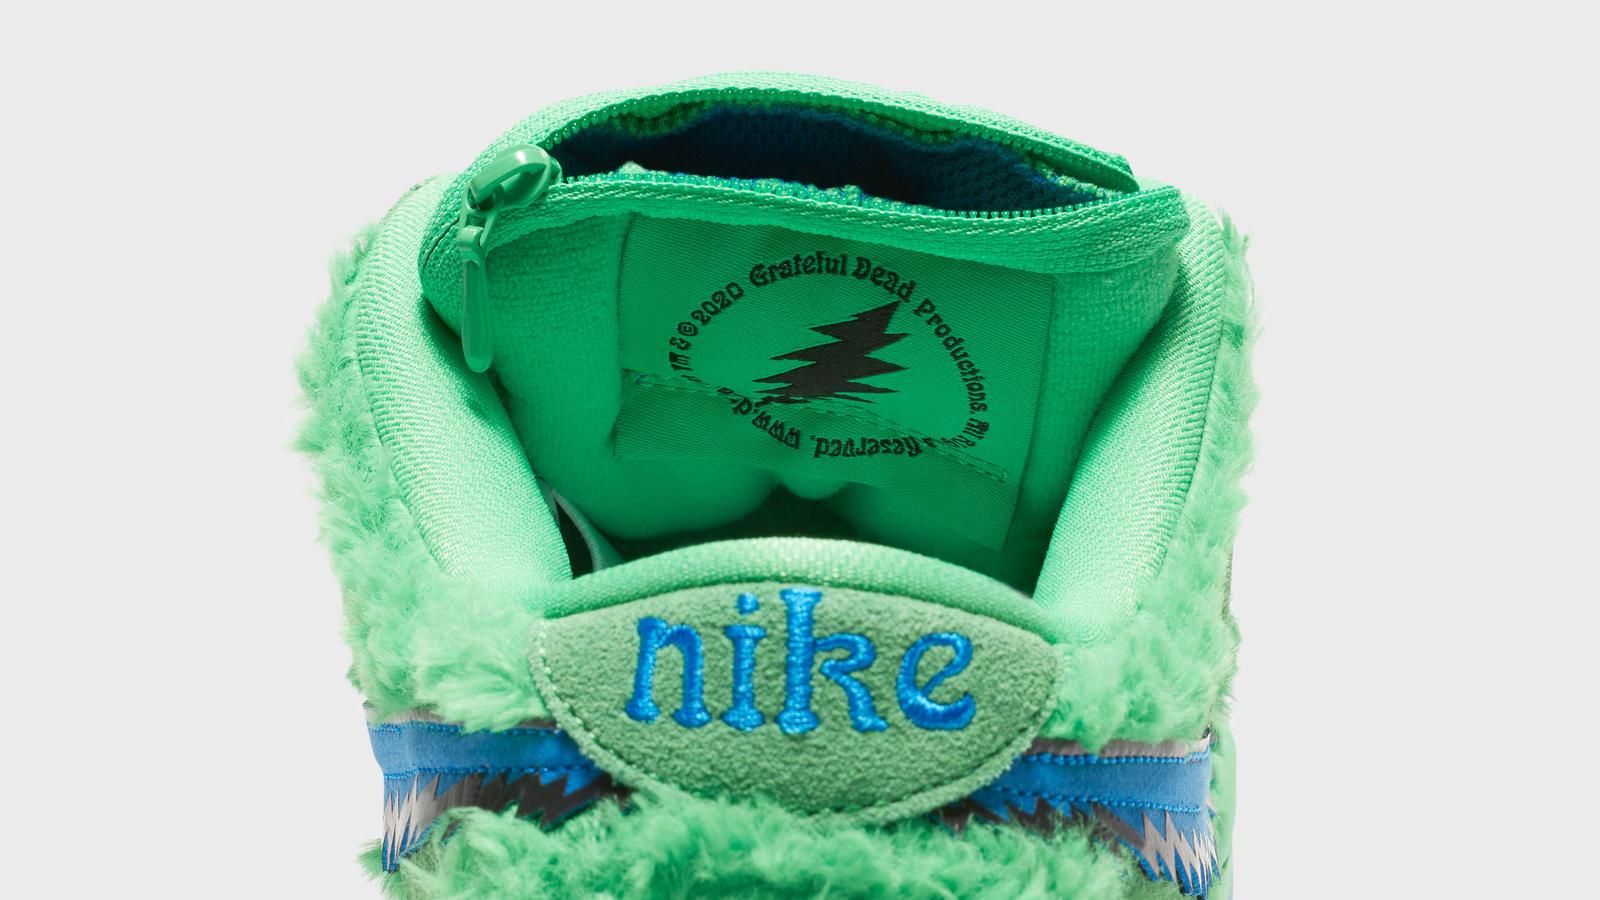 Nike wewspółpracy zGrateful Dead wypuścił buty zkieszonką najaranie